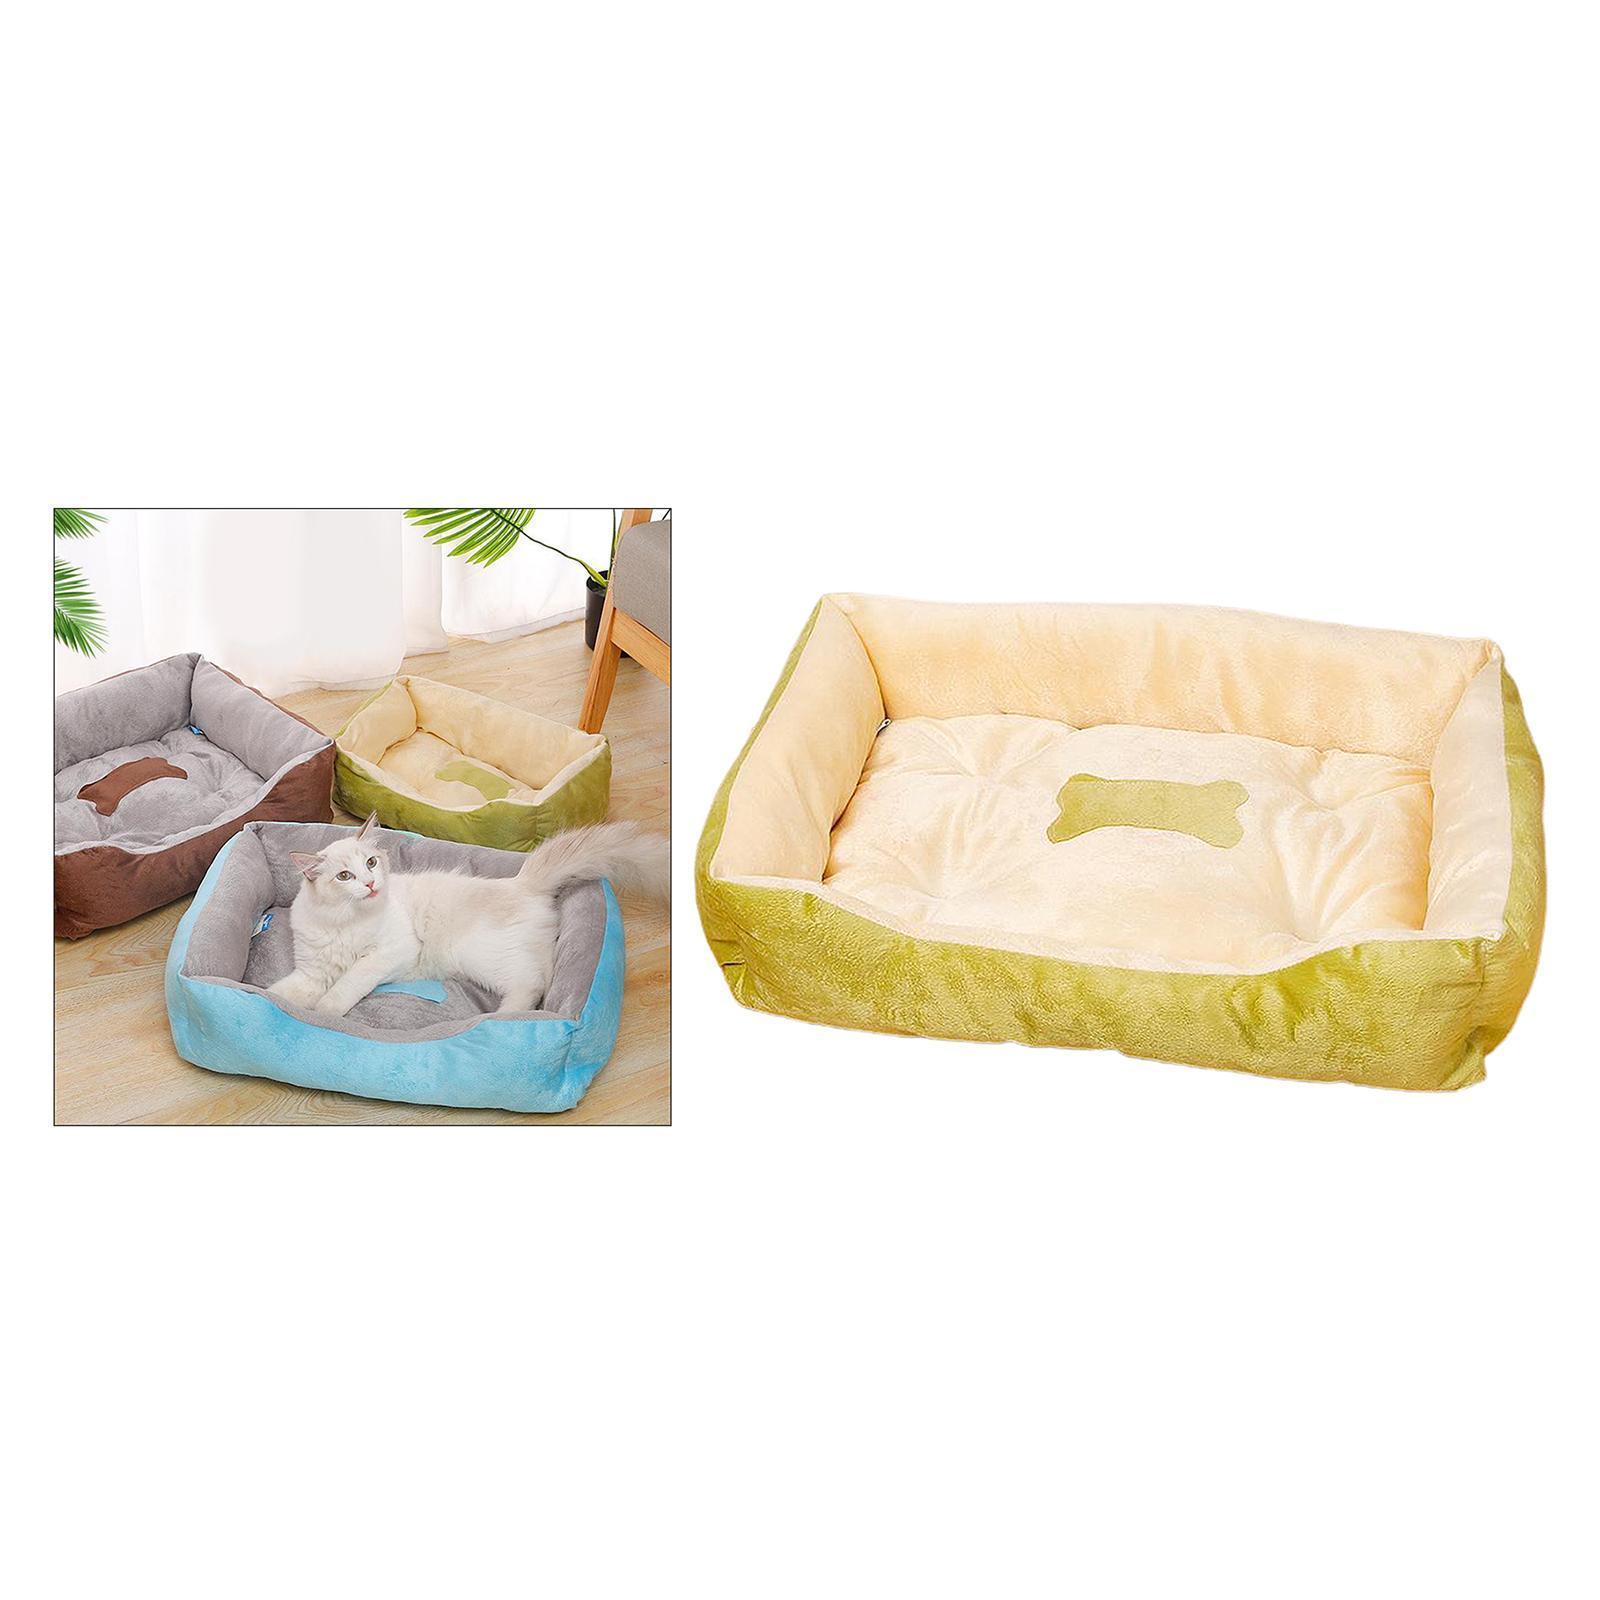 Indexbild 11 - Katze-Hund-Bett-Pet-Kissen-Betten-Haus-Schlaf-Soft-Warmen-Zwinger-Decke-Nest